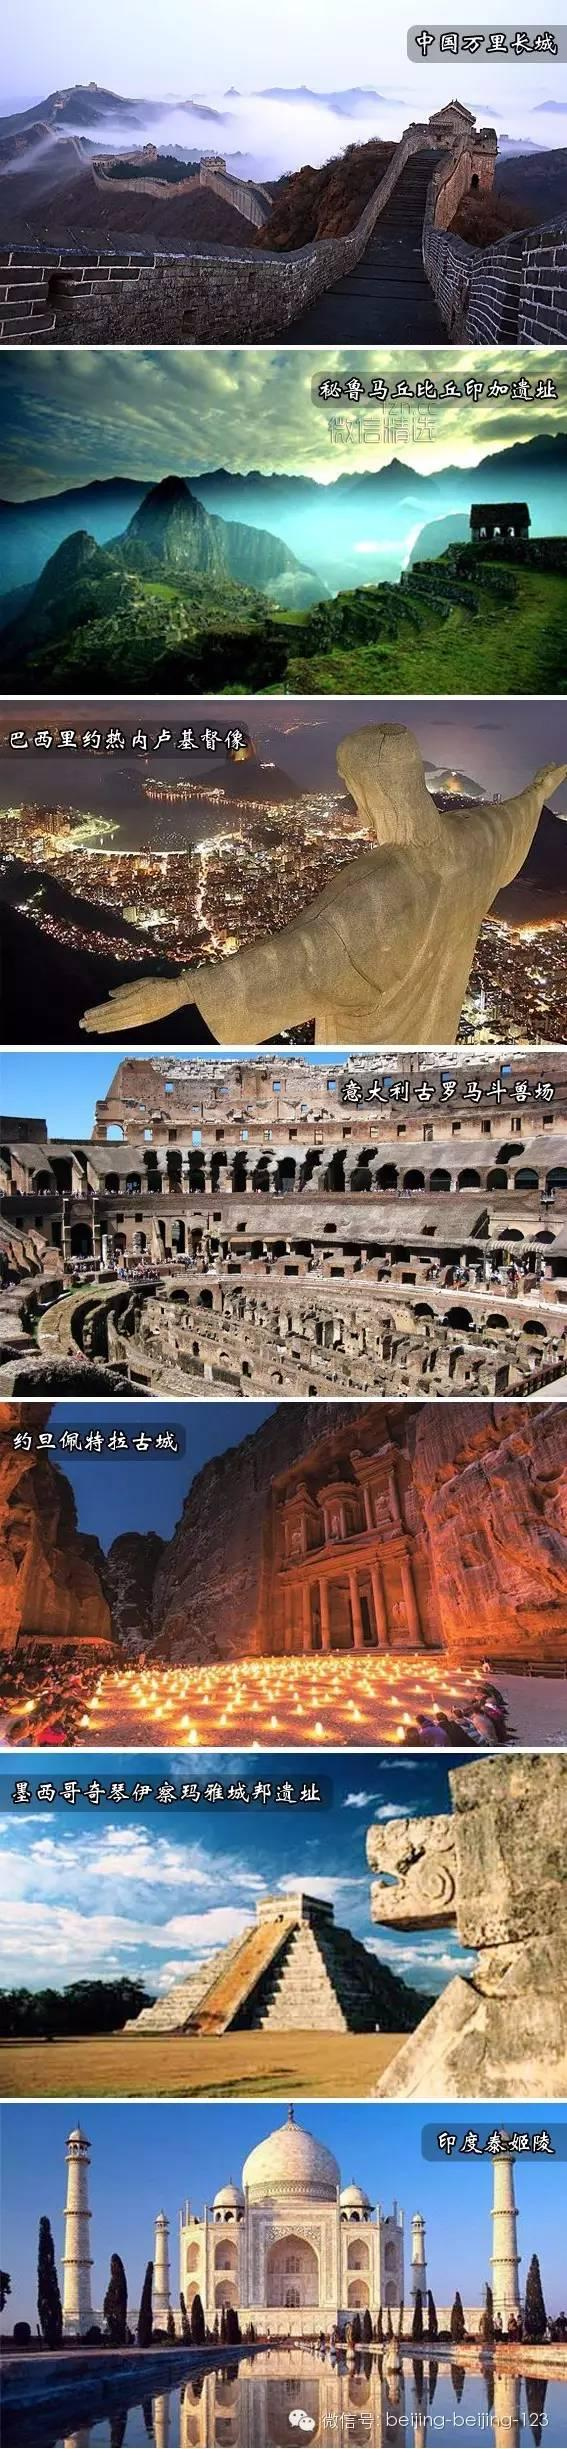 新世界7大奇迹之首在中国!不是长城也不是故宫,居然是…